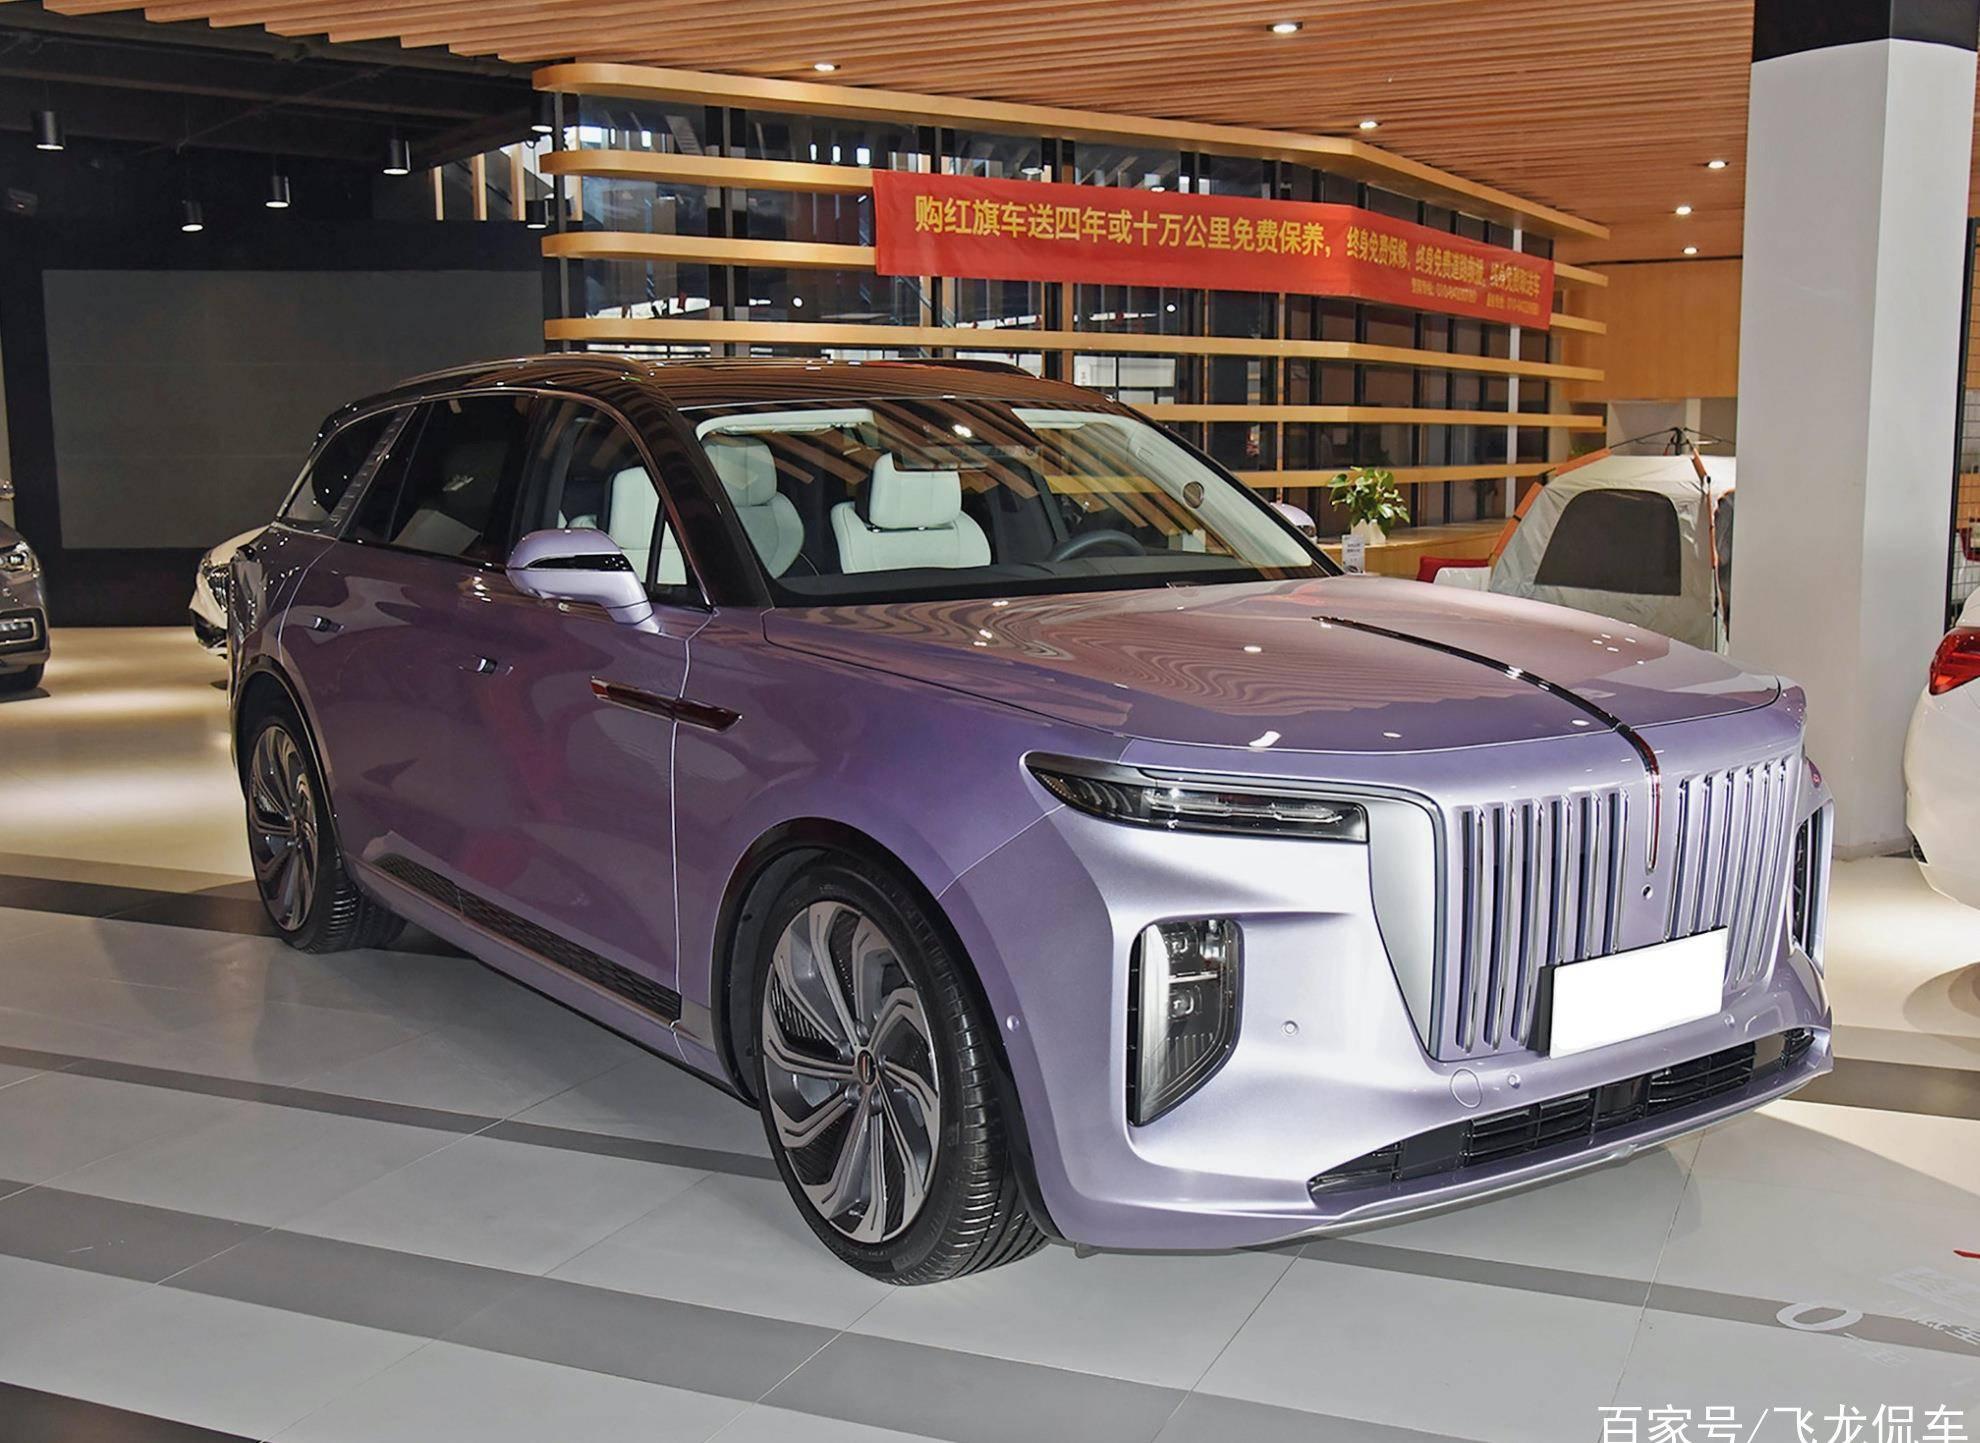 原国产行政SUV长度5.2米,电磁悬挂双隔音,4.8秒可突破100